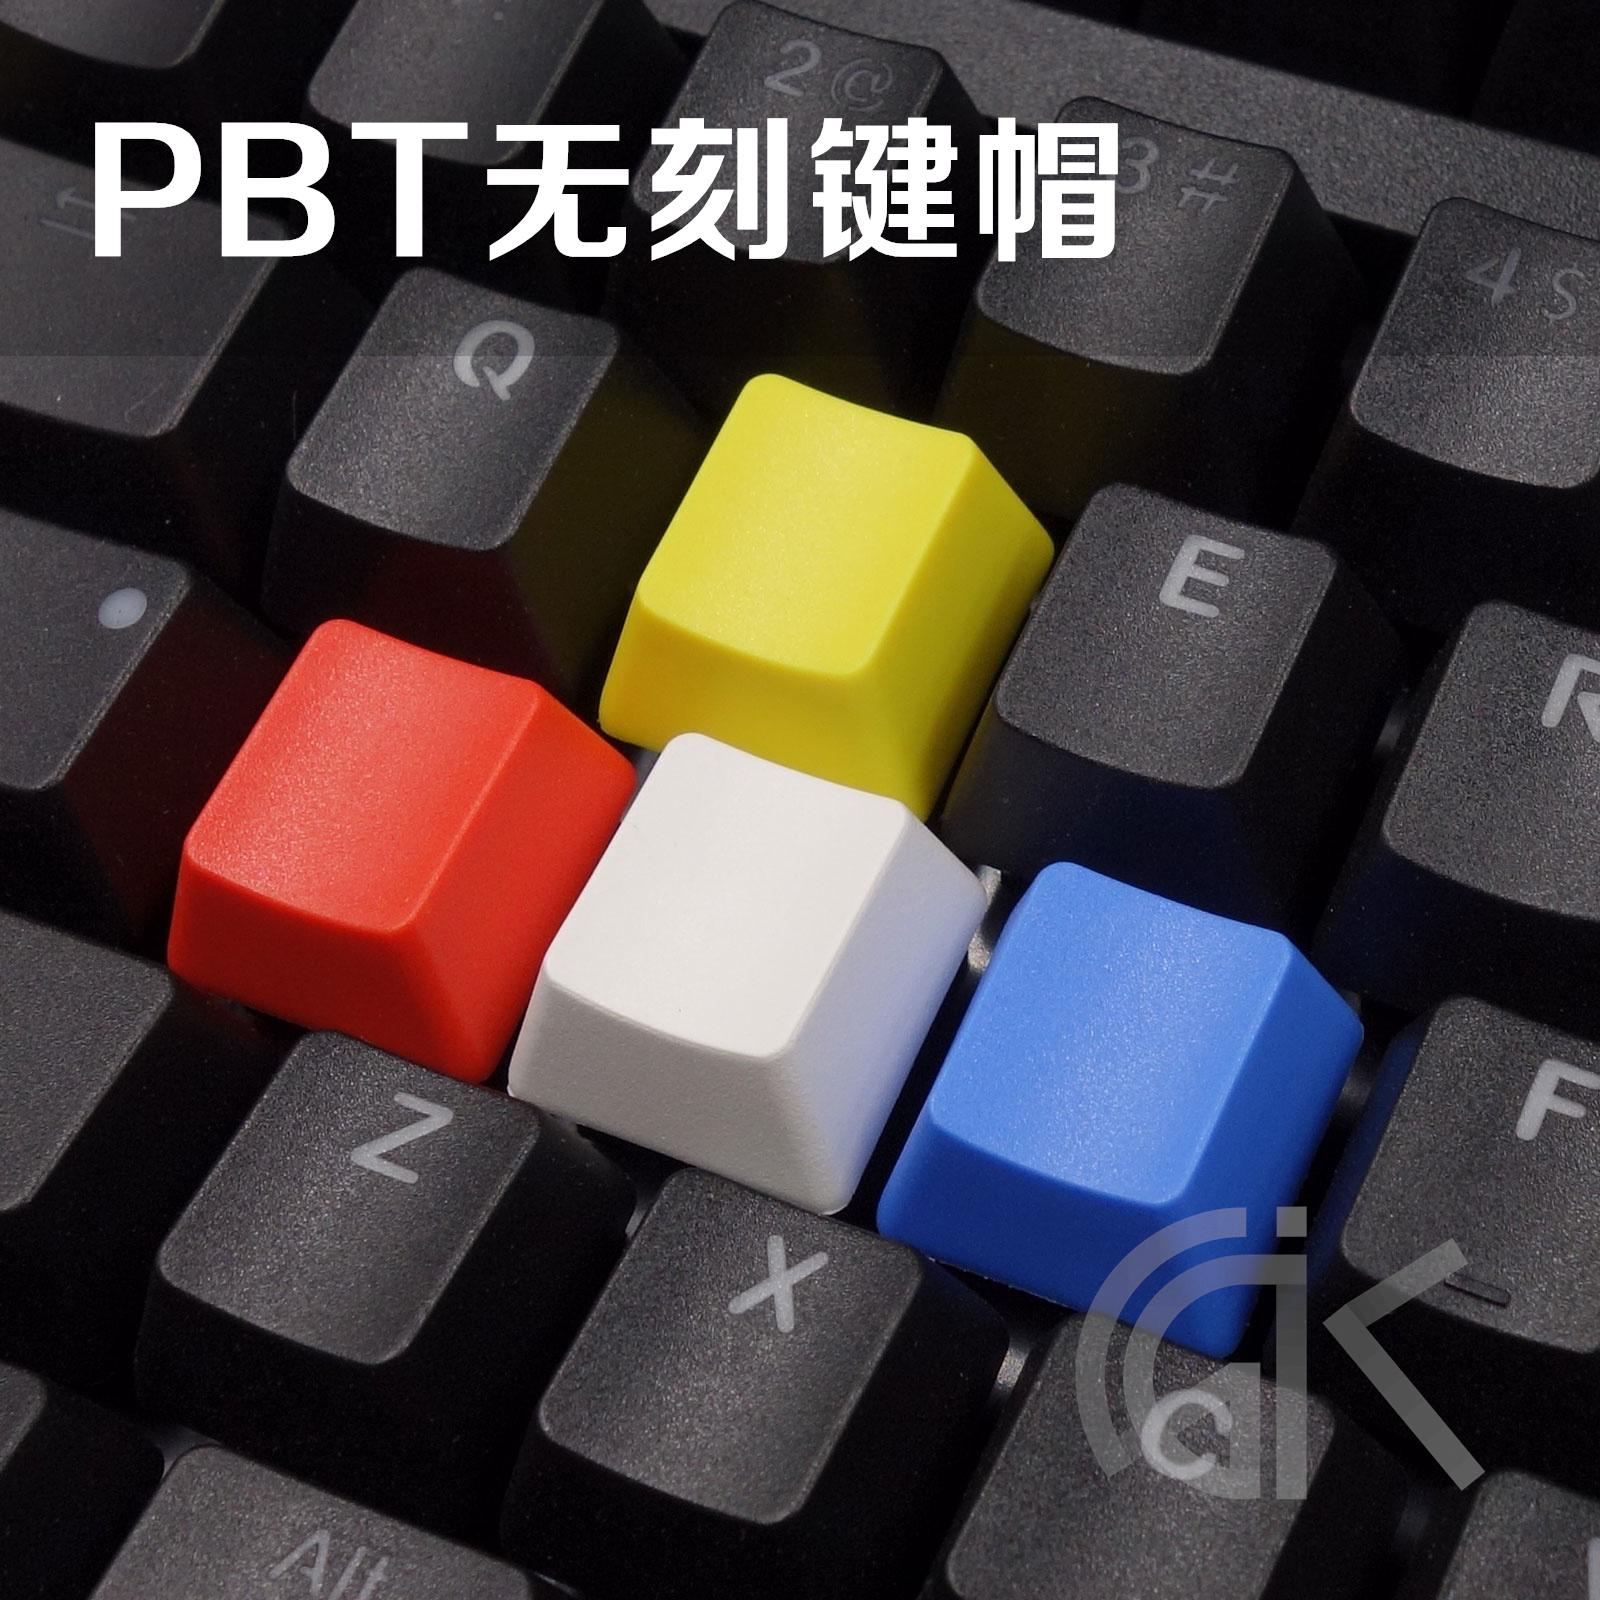 機械鍵盤鍵帽 WASD 方向鍵 紅白藍黃 PBT材質 無刻鍵帽 OEM高度